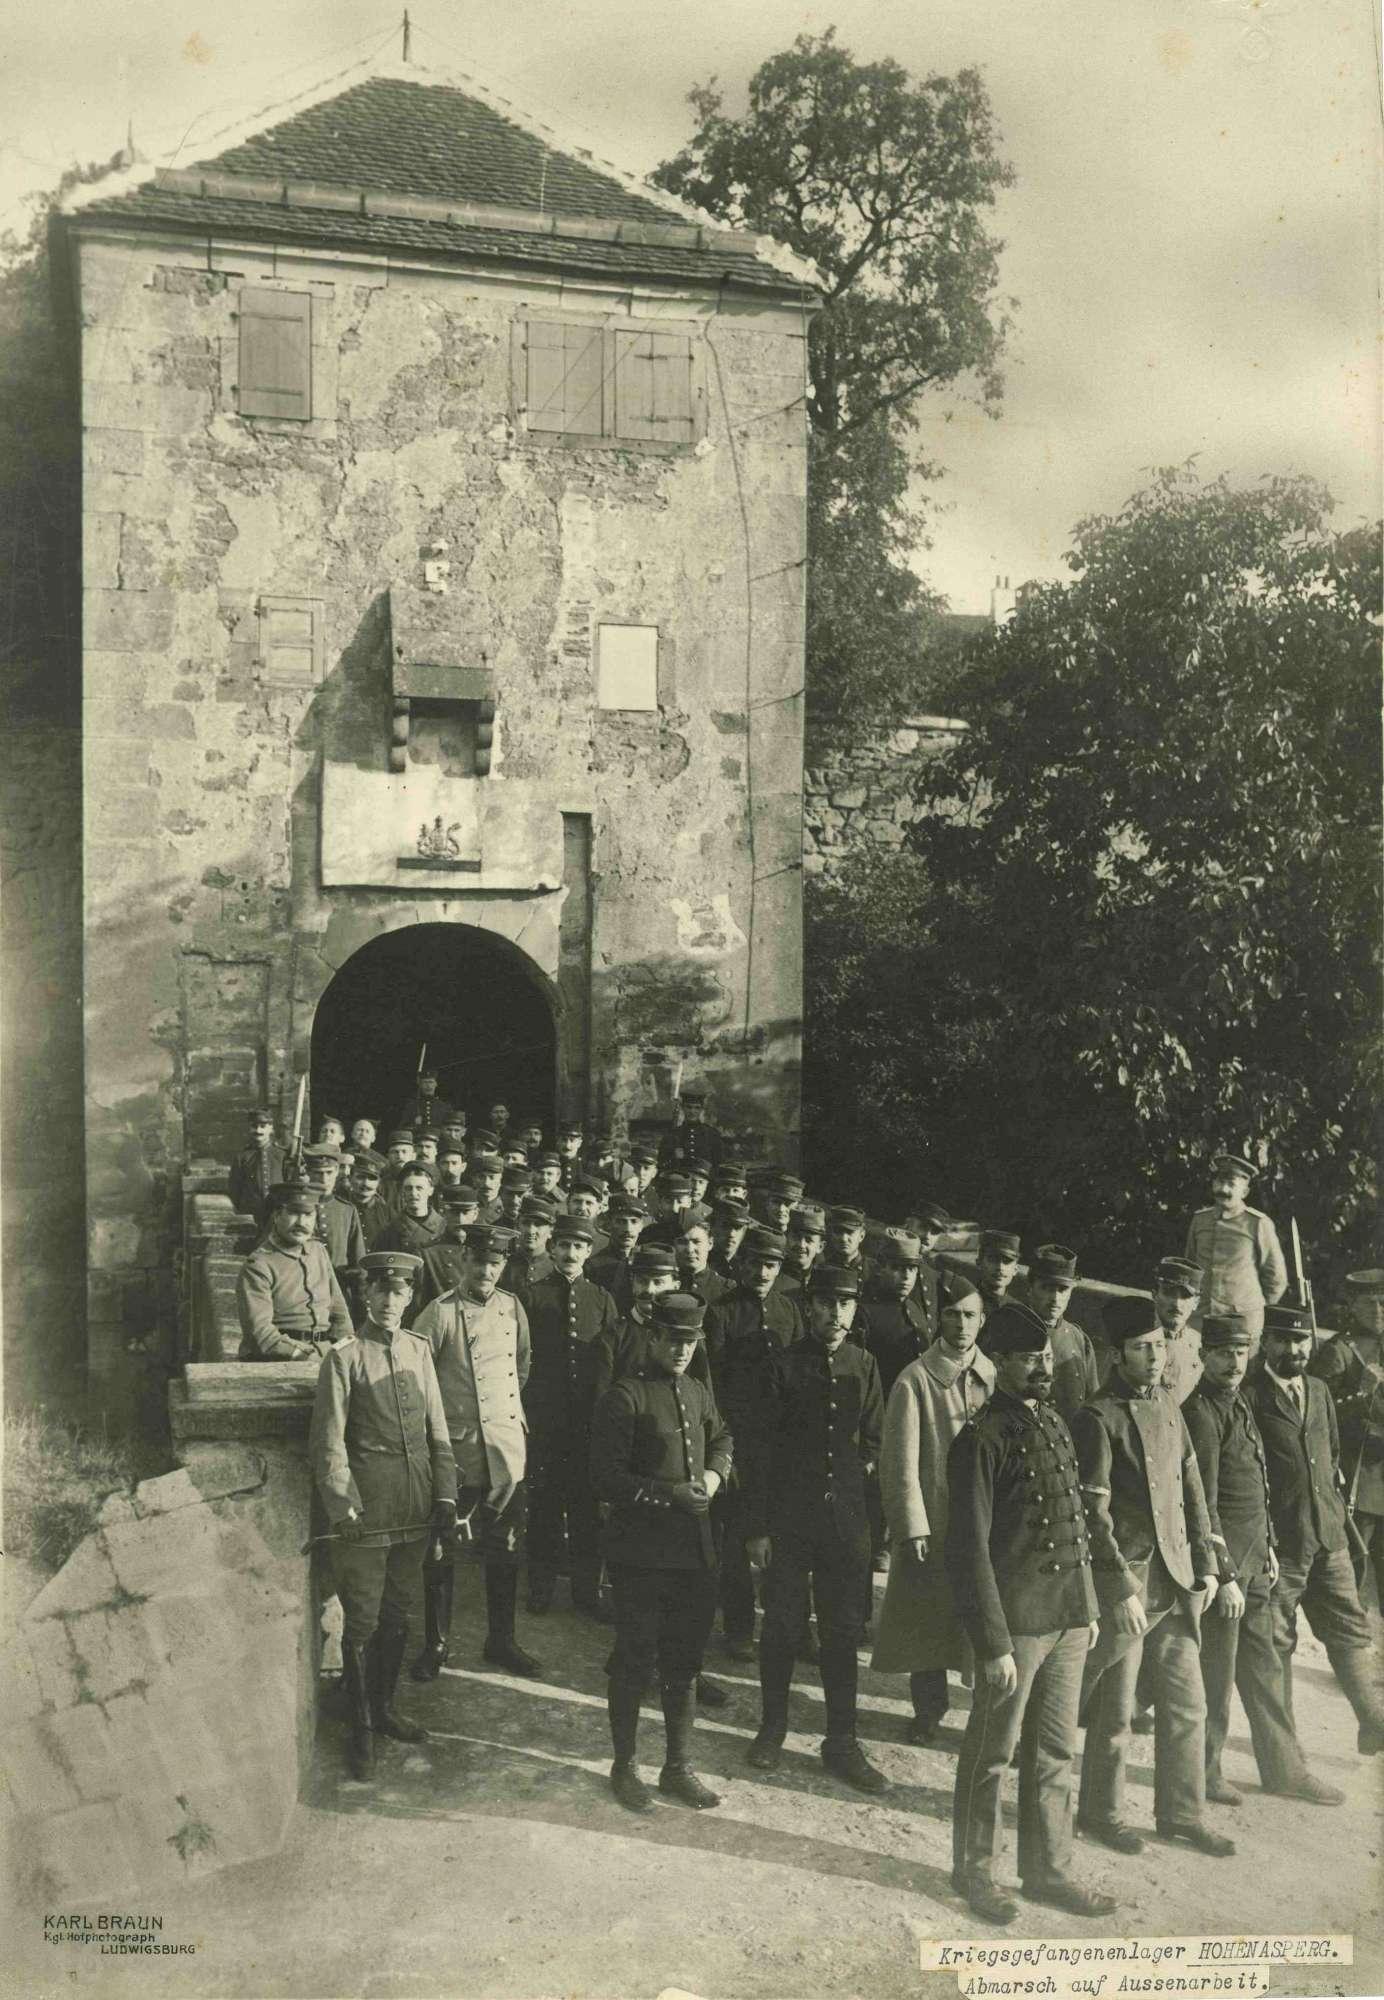 Bewachter Trupp von ca. fünfzig Kriegsgefangenen vor Burgtor des Kriegsgefangenenlagers Hohenasperg, angetreten zur Außenarbeit, Bild 1